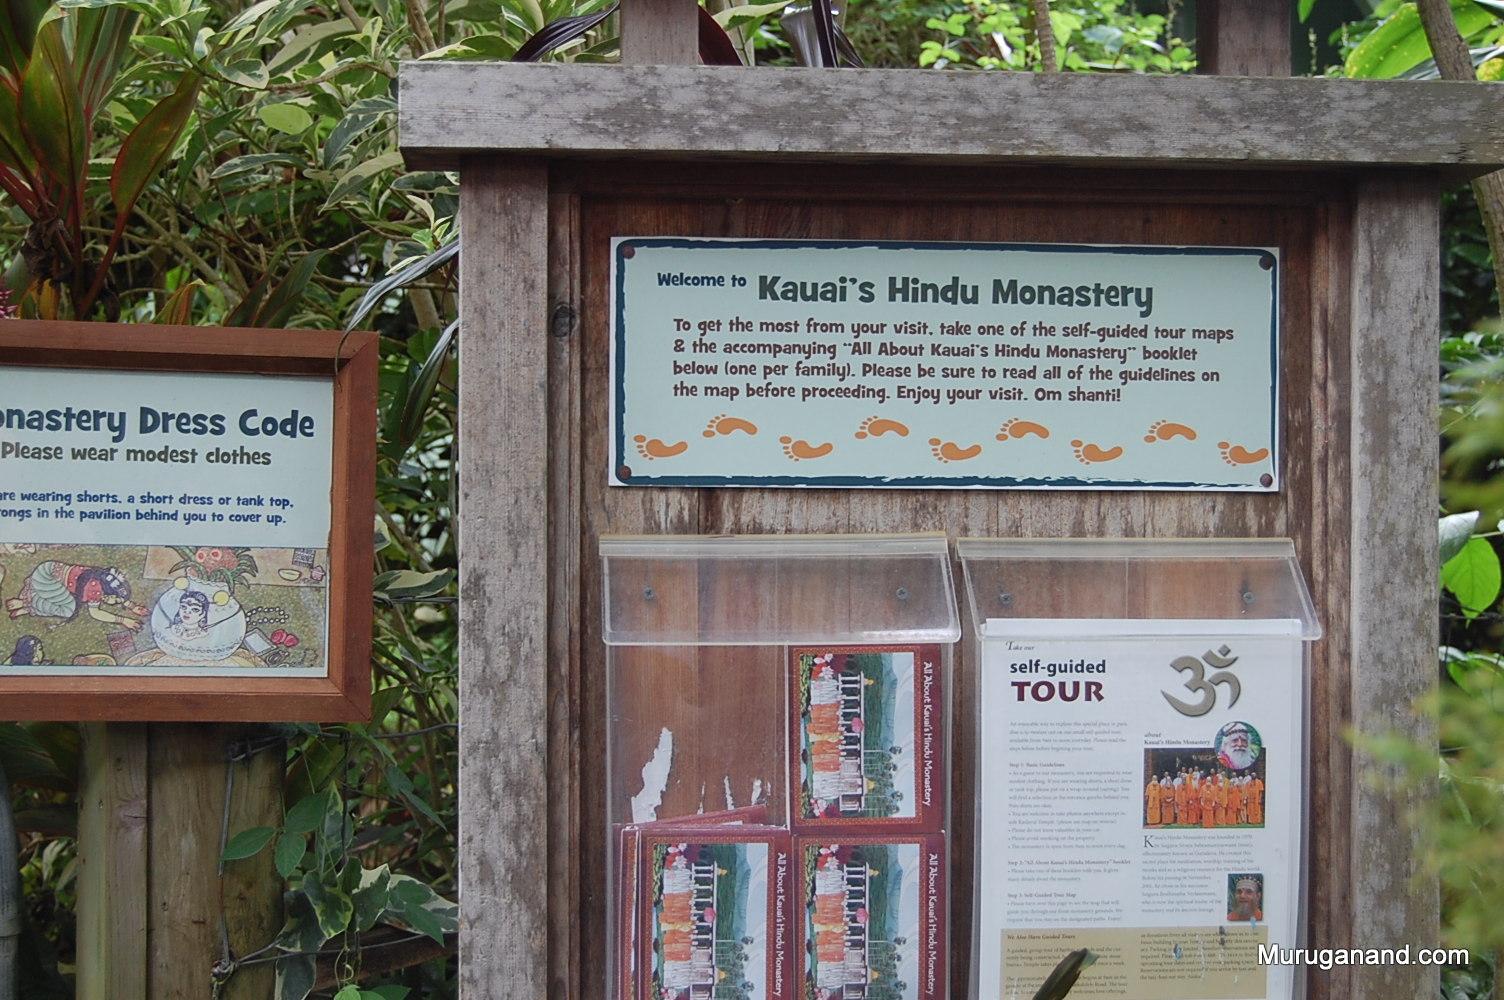 Hindu Monastery (Kauai)